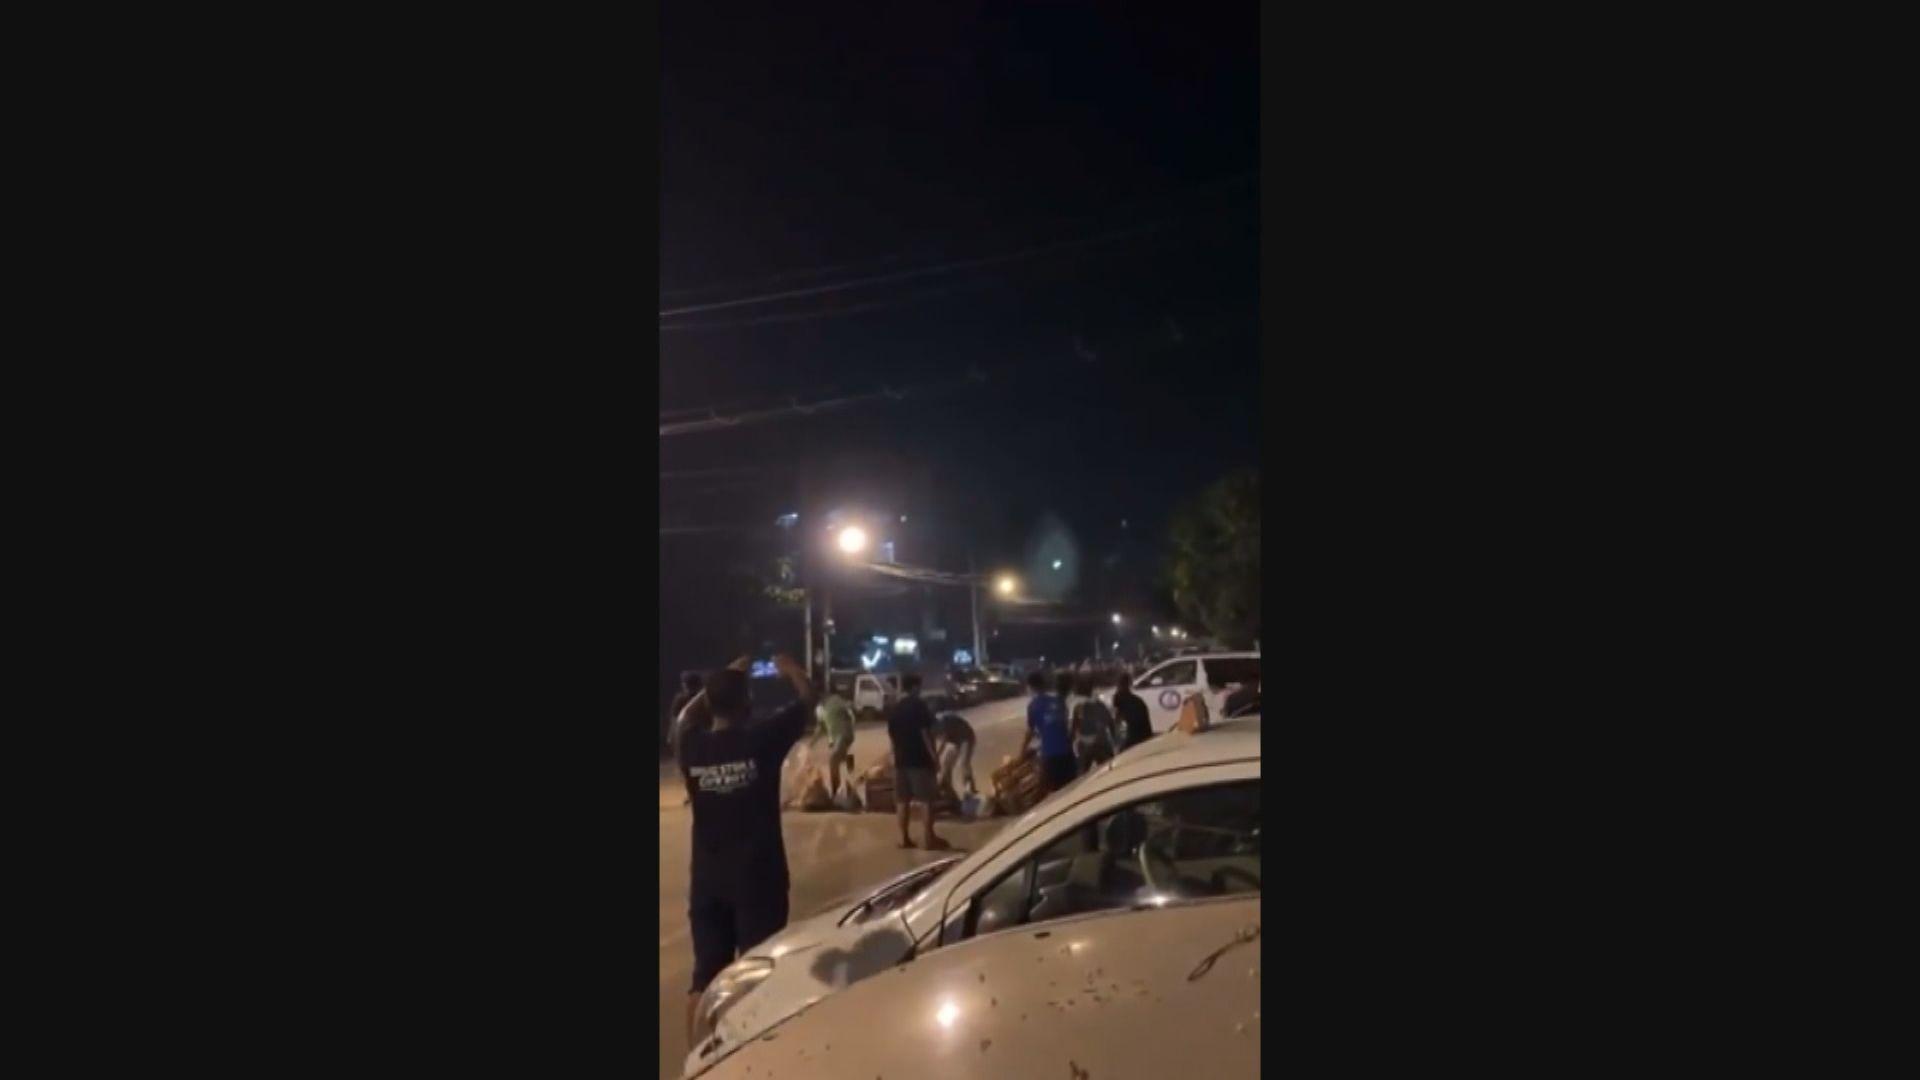 緬甸仰光三橋區據報二百名示威學生被圍困